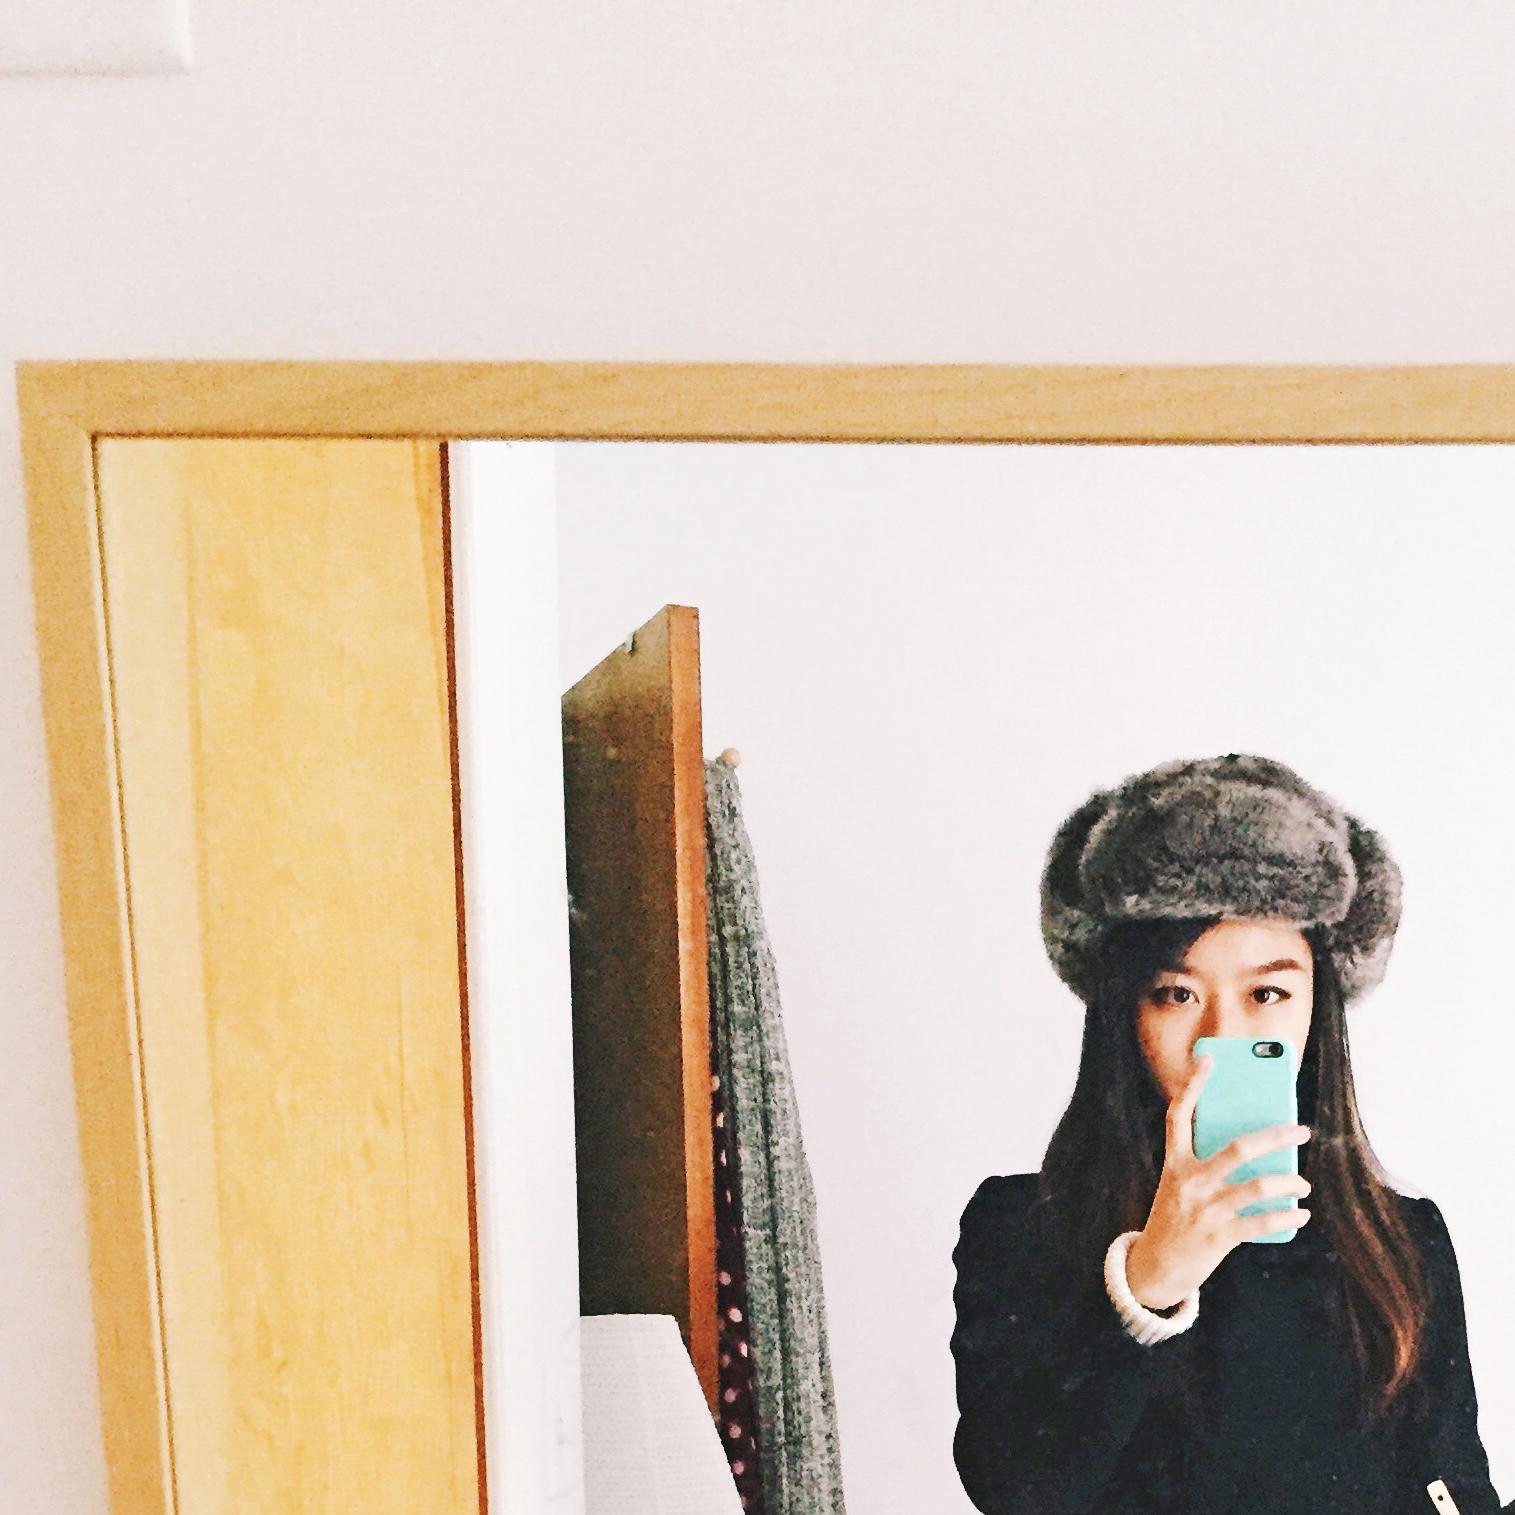 Amy X. Wang